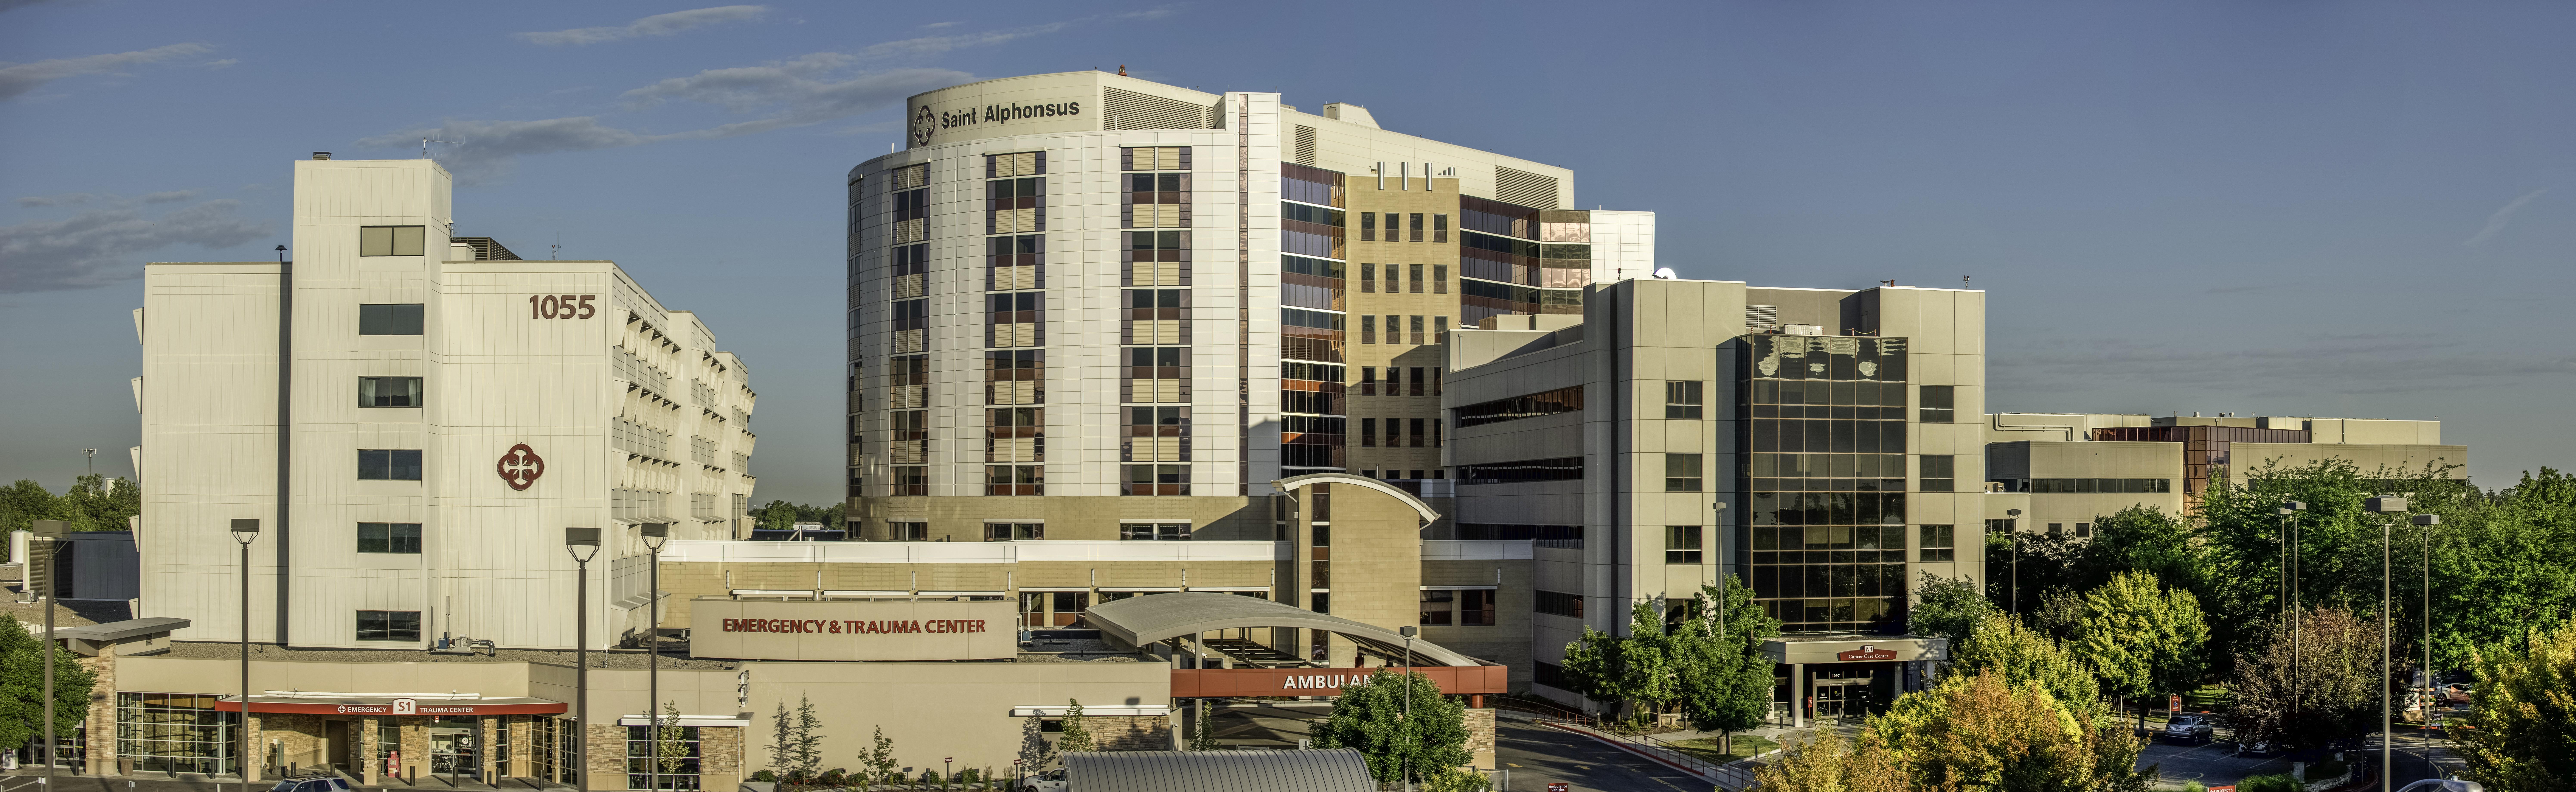 Saint Alphonsus Regional Medical Center